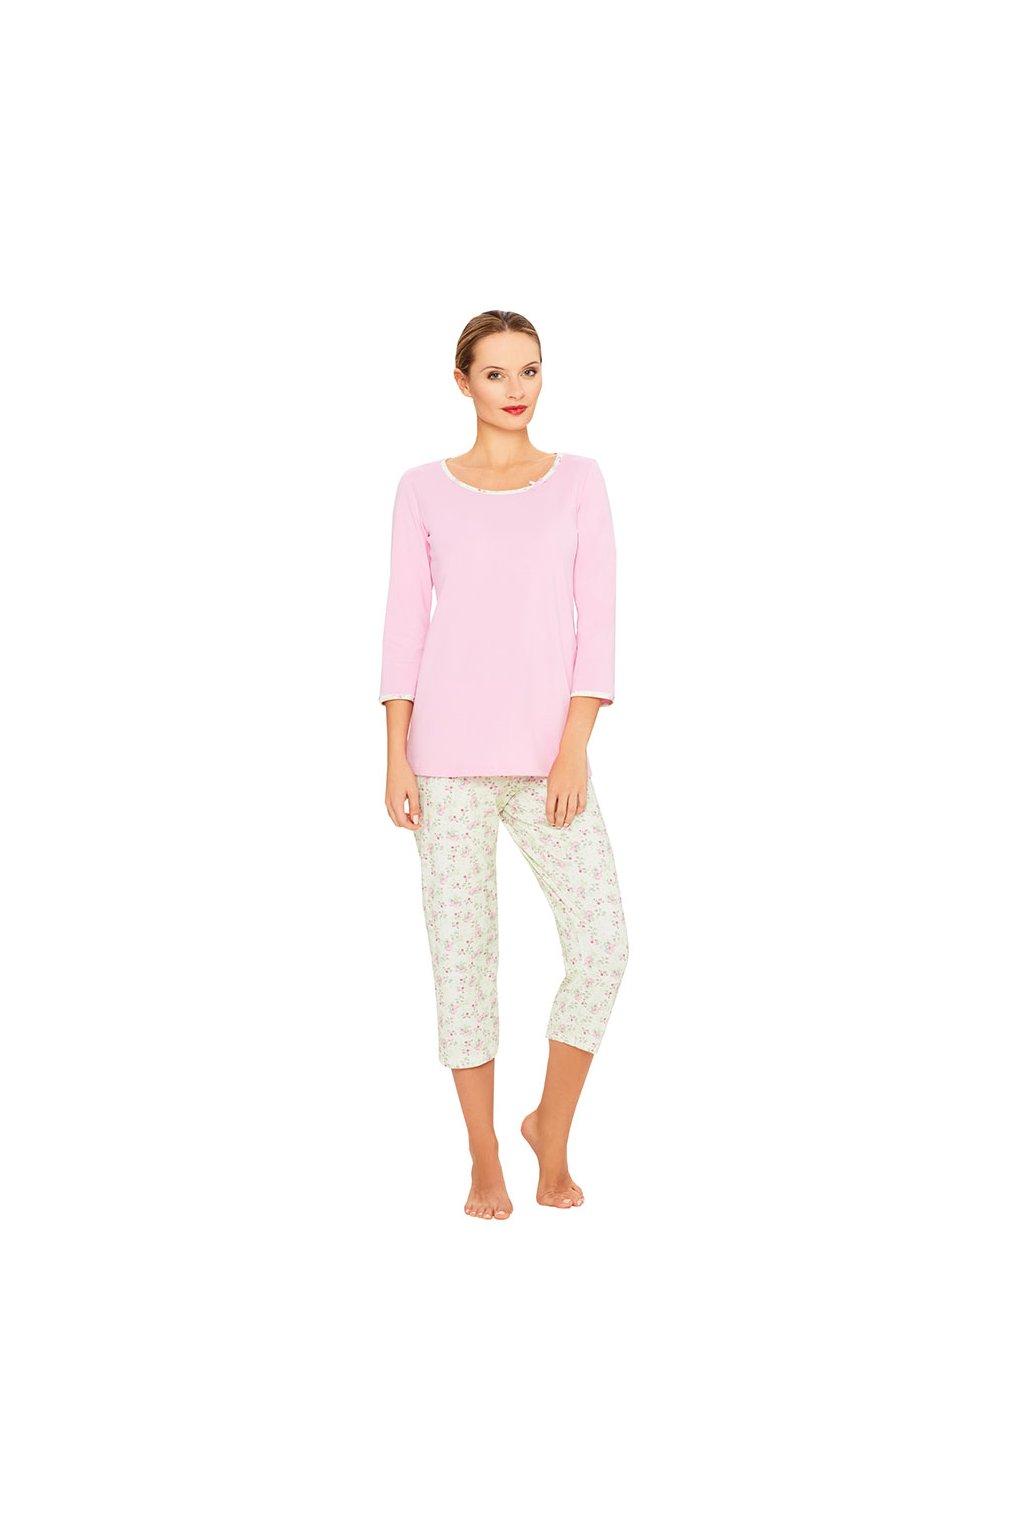 Dámské pyžamo s 3/4 rukávem, 104413 139, růžová